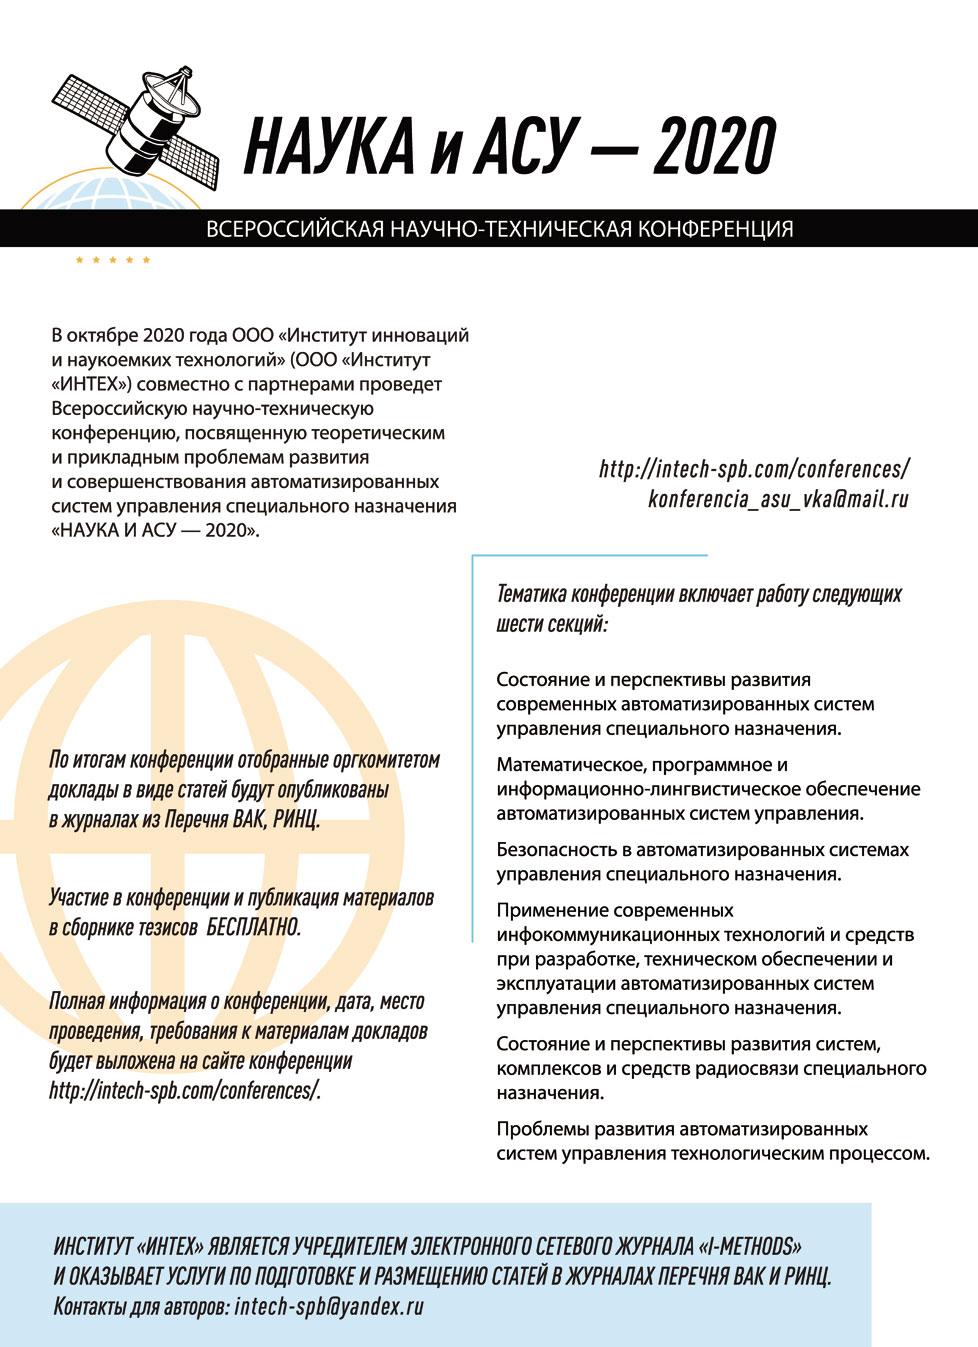 Конференция Наука и АСУ 2020